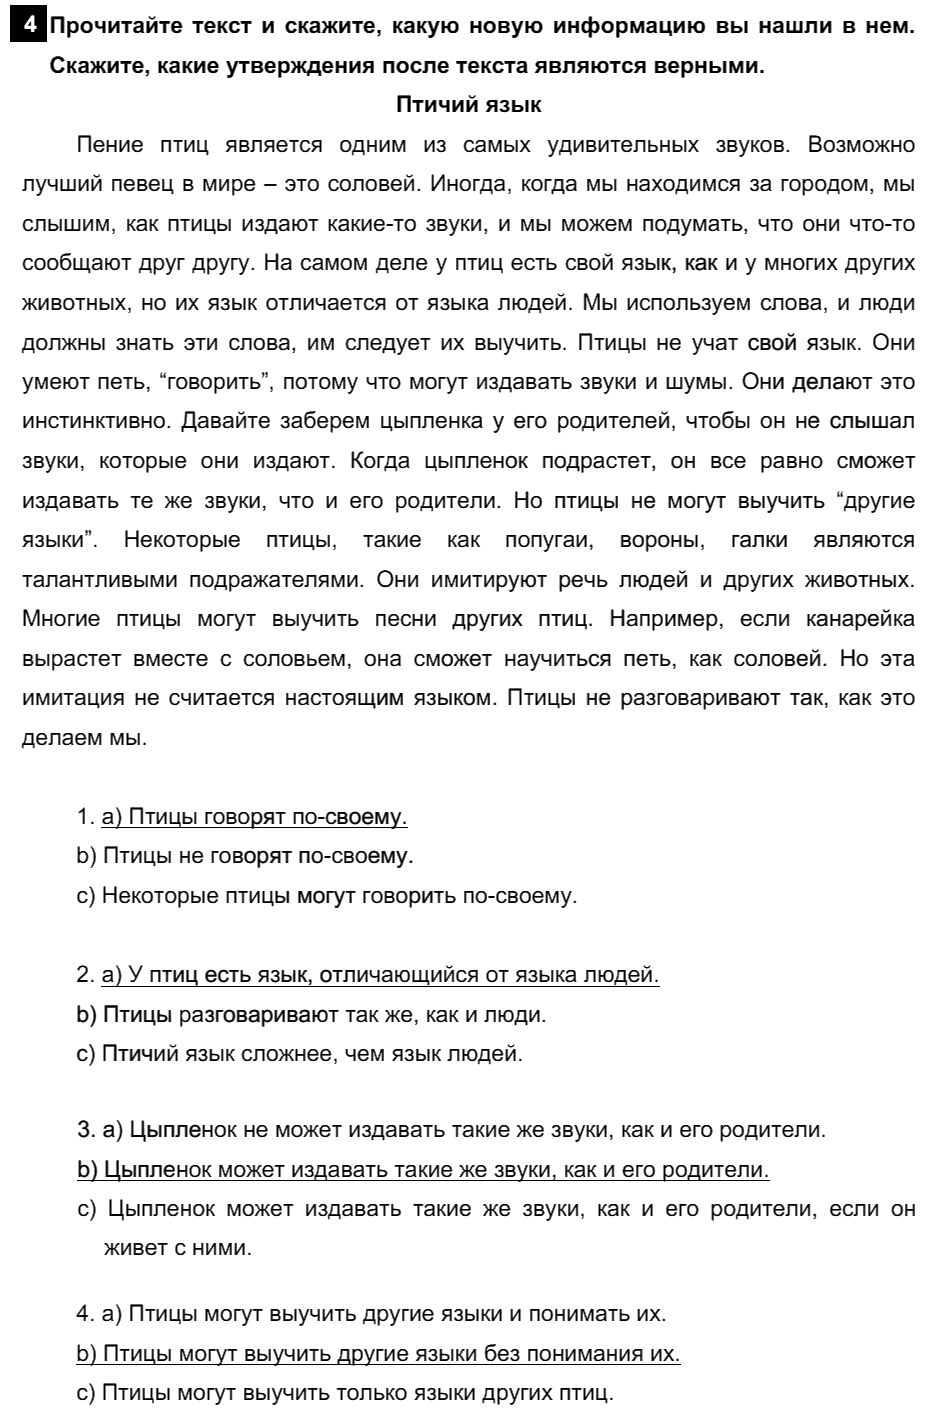 Английский язык 7 класс Афанасьева О. В. Unit 4. Живые существа вокруг нас / Шаг 4: 4